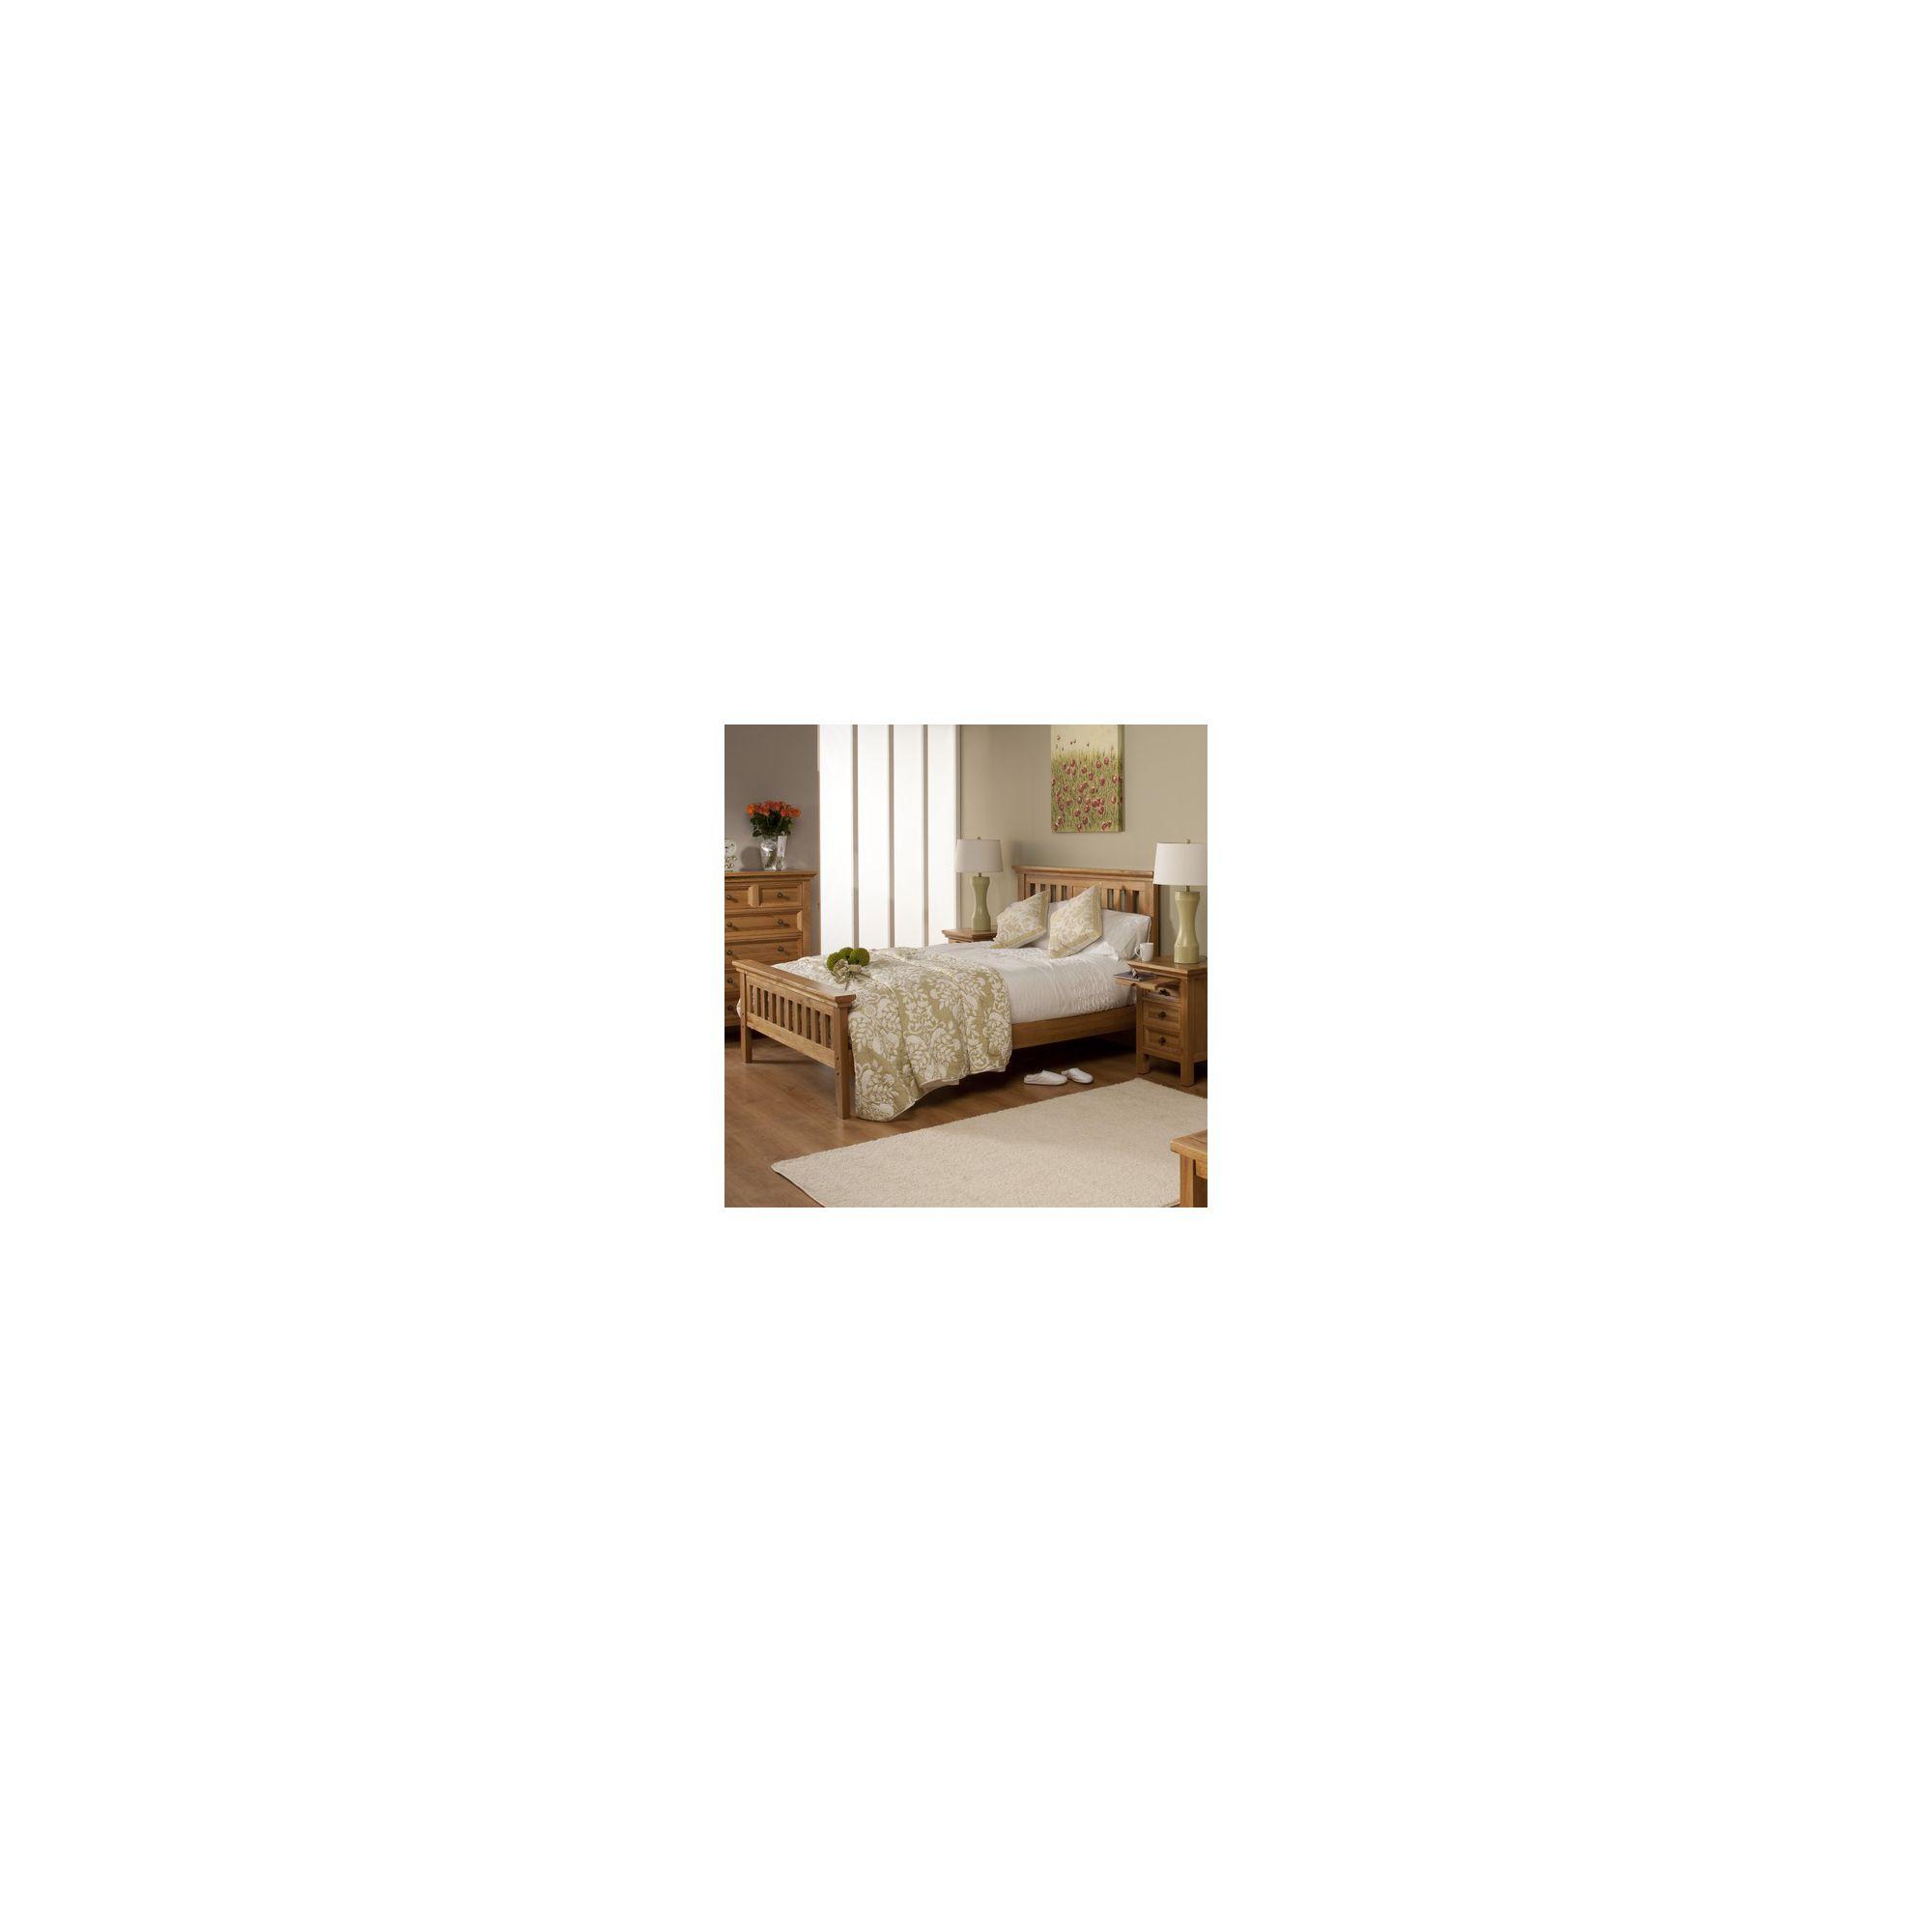 World Furniture Provence Kingsize Bed Frame at Tesco Direct